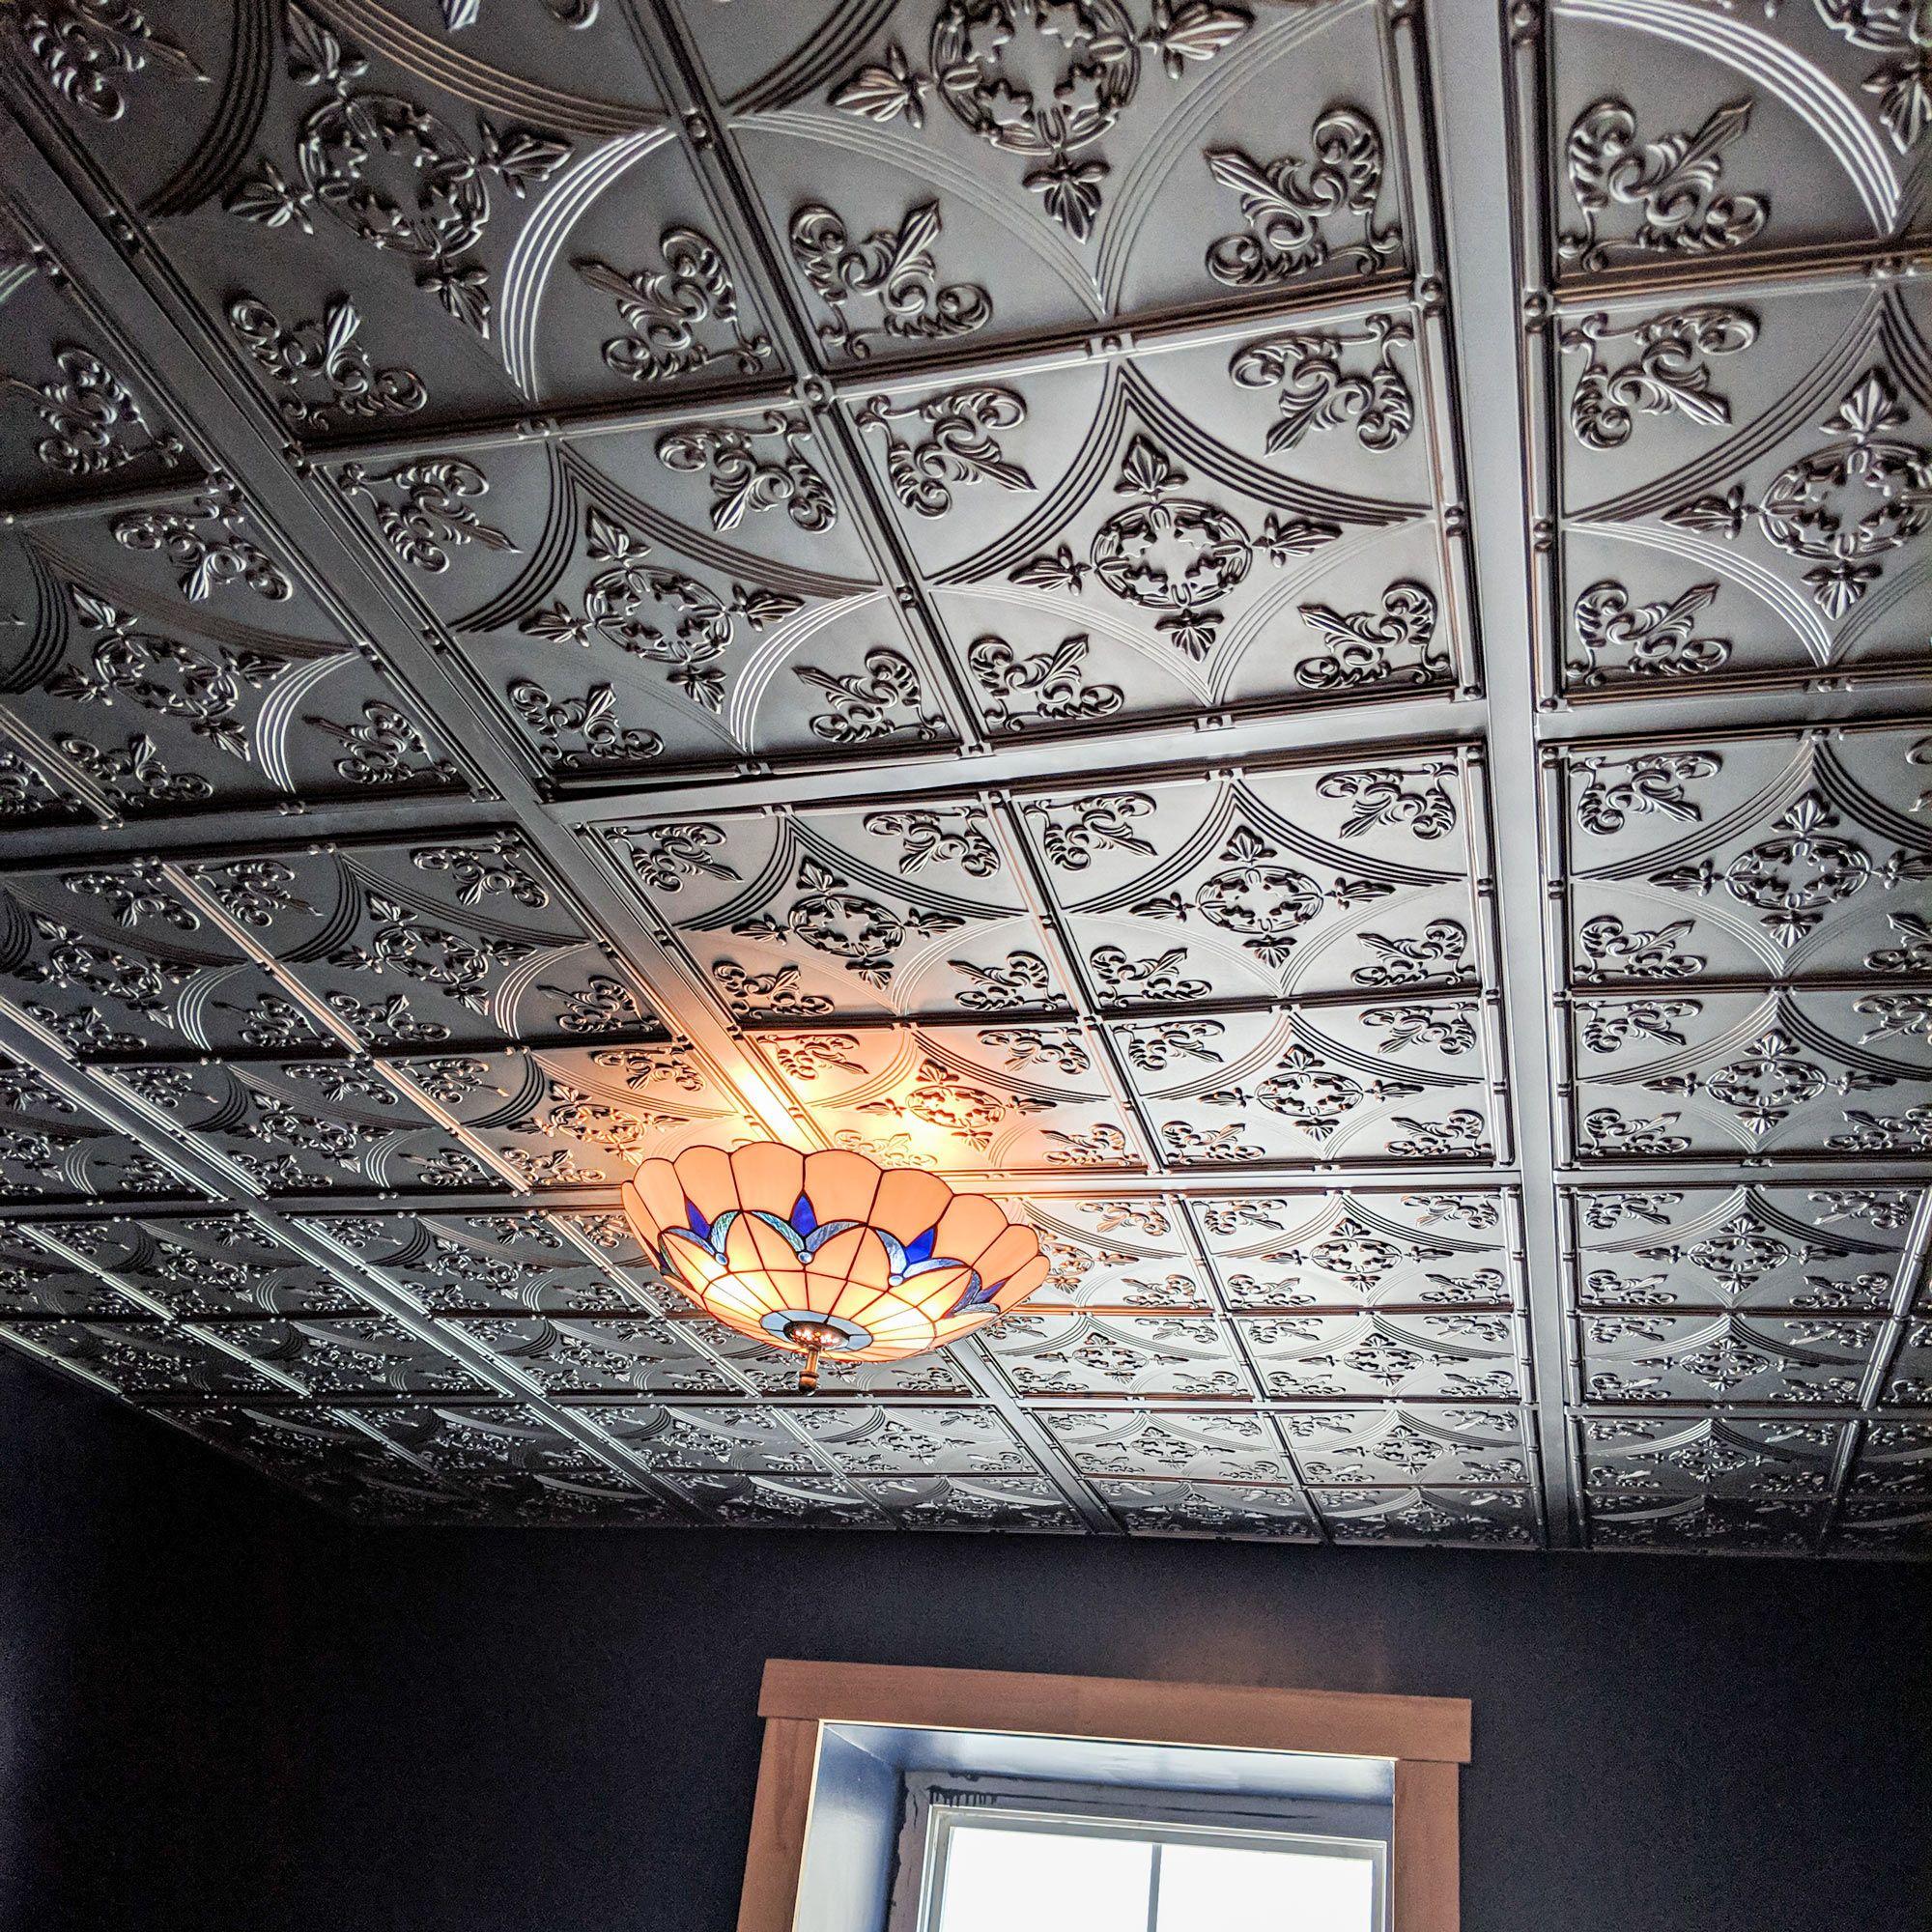 Decorative Ceiling Tiles Basement Ceiling Proceilingtiles Pvc Ceiling Tiles Ceiling Tiles Decorative Ceiling Tile